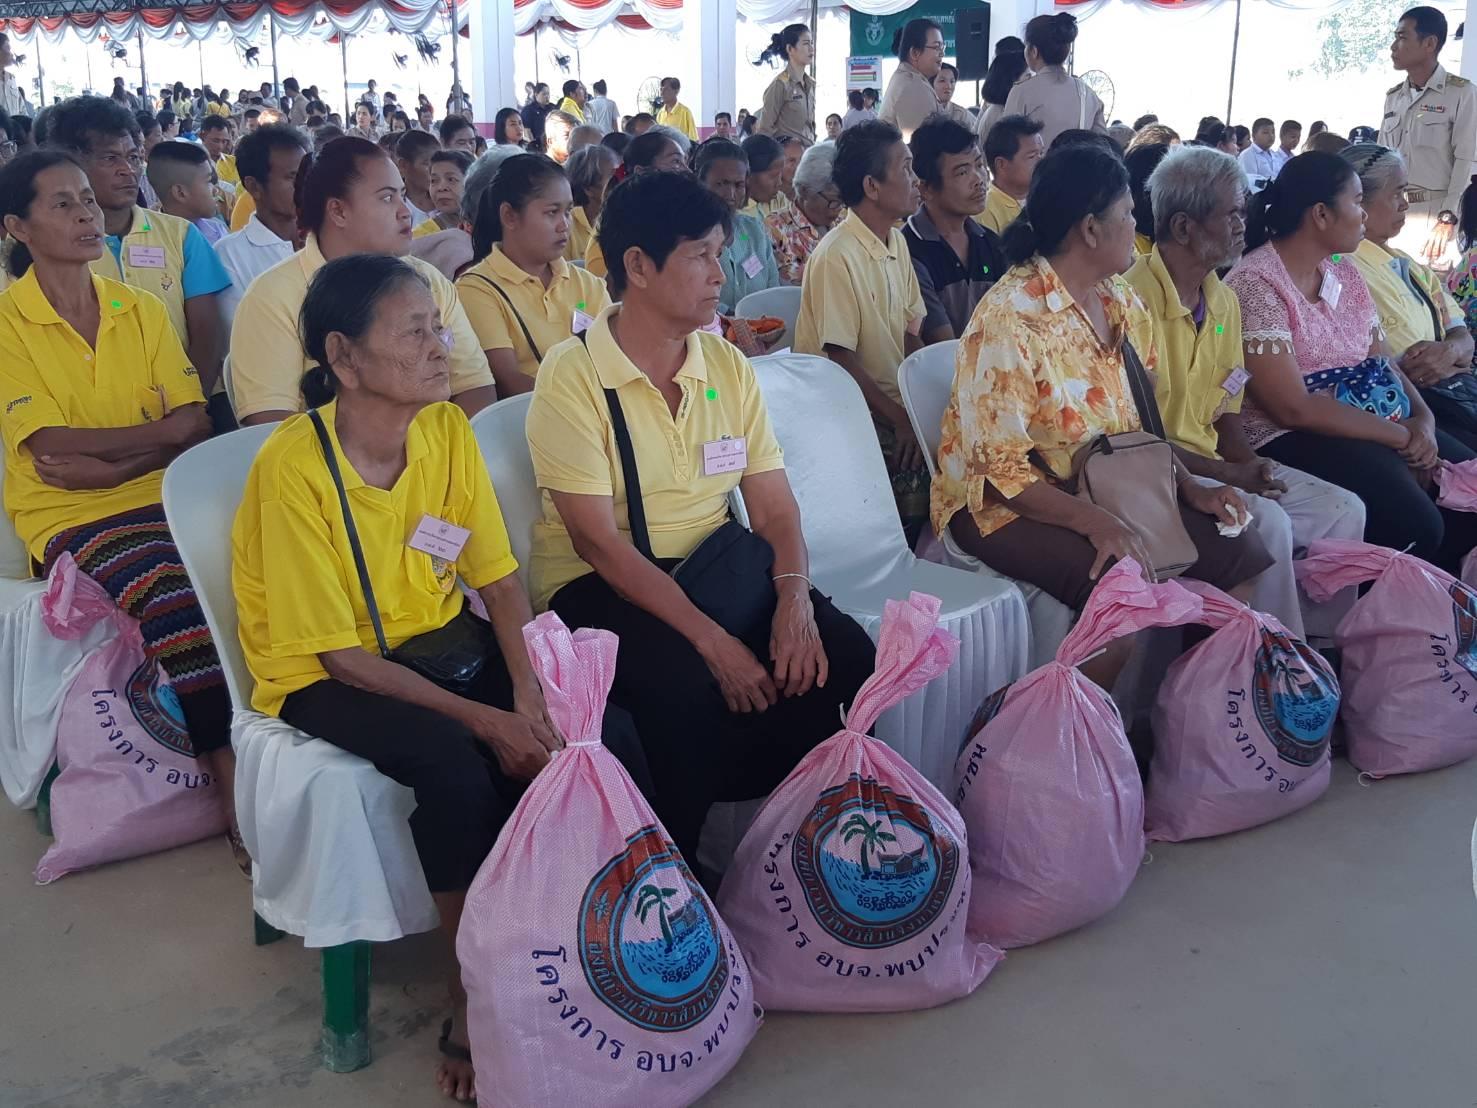 จังหวัดระยองจัดโครงการ หน่วยบำบัดทุกข์ บำรุงสุข สร้างรอยยิ้มคืนความสุขให้ประชาชน ปีงบประมาณ 2562